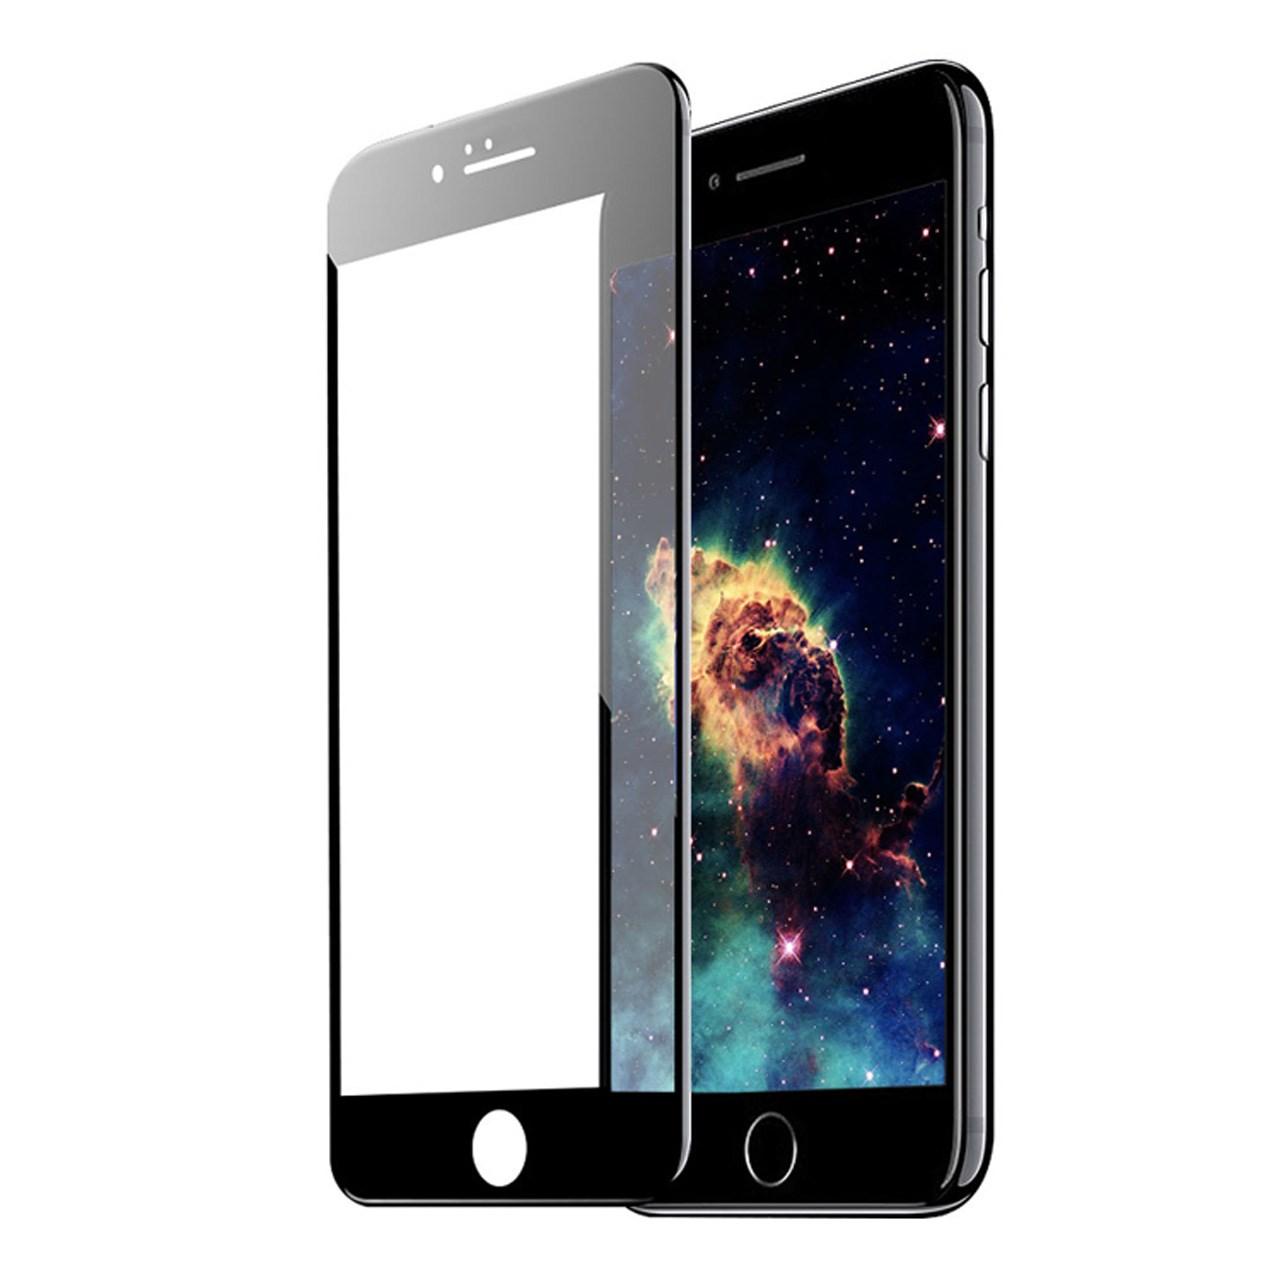 محافظ صفحه نمایش مدل تمام صفحه 5D  مناسب برای آیفون 6